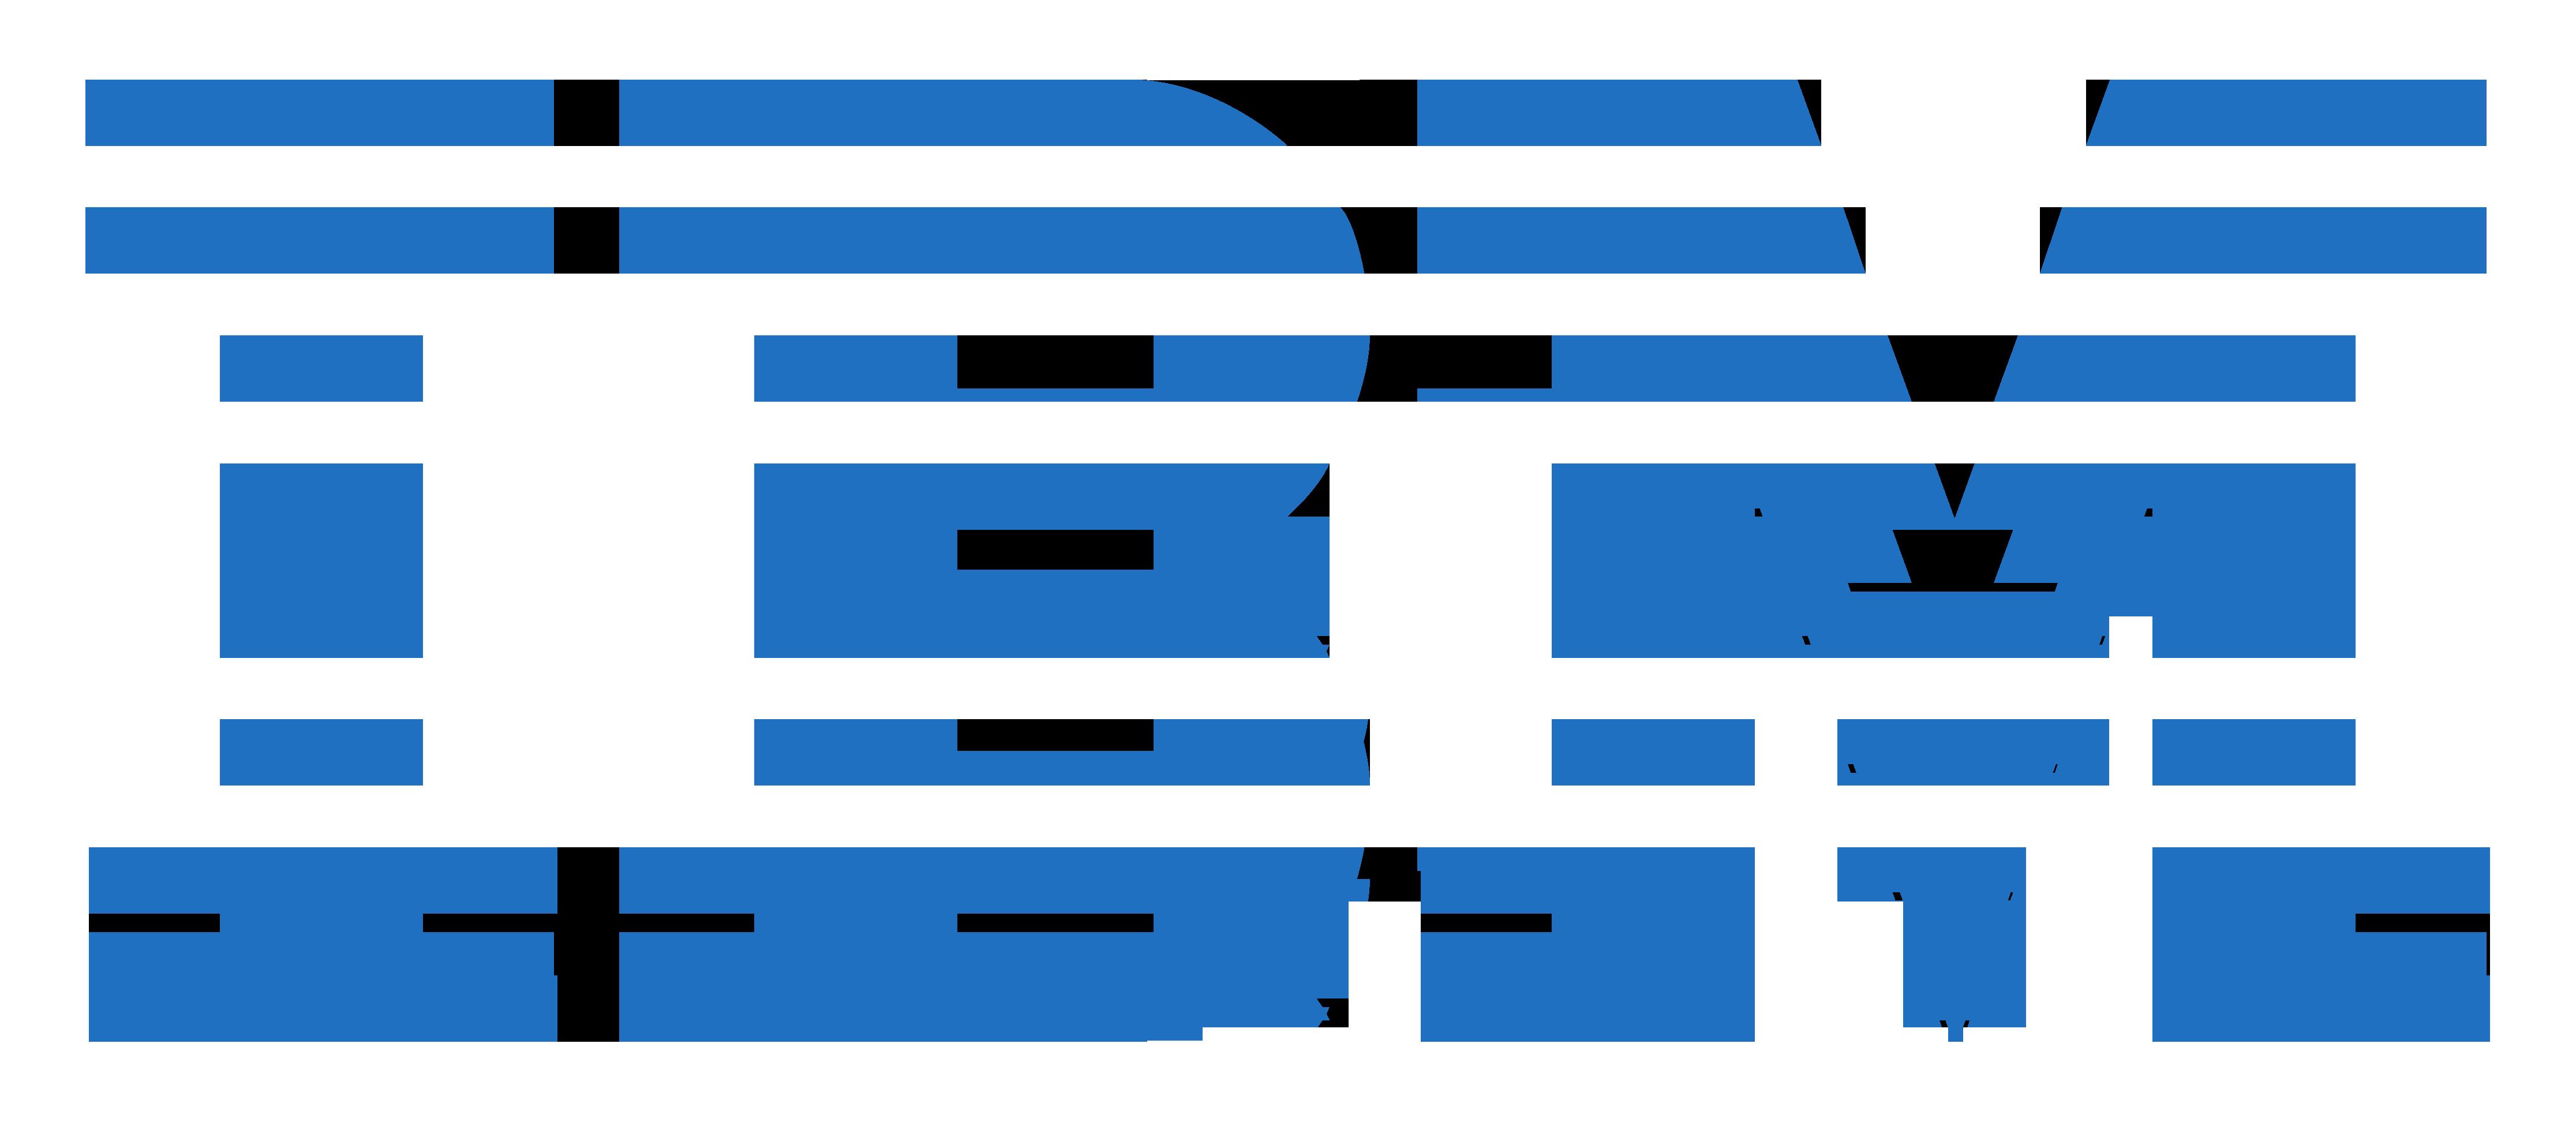 IBM logos PNG images free download, IBM logo PNG.